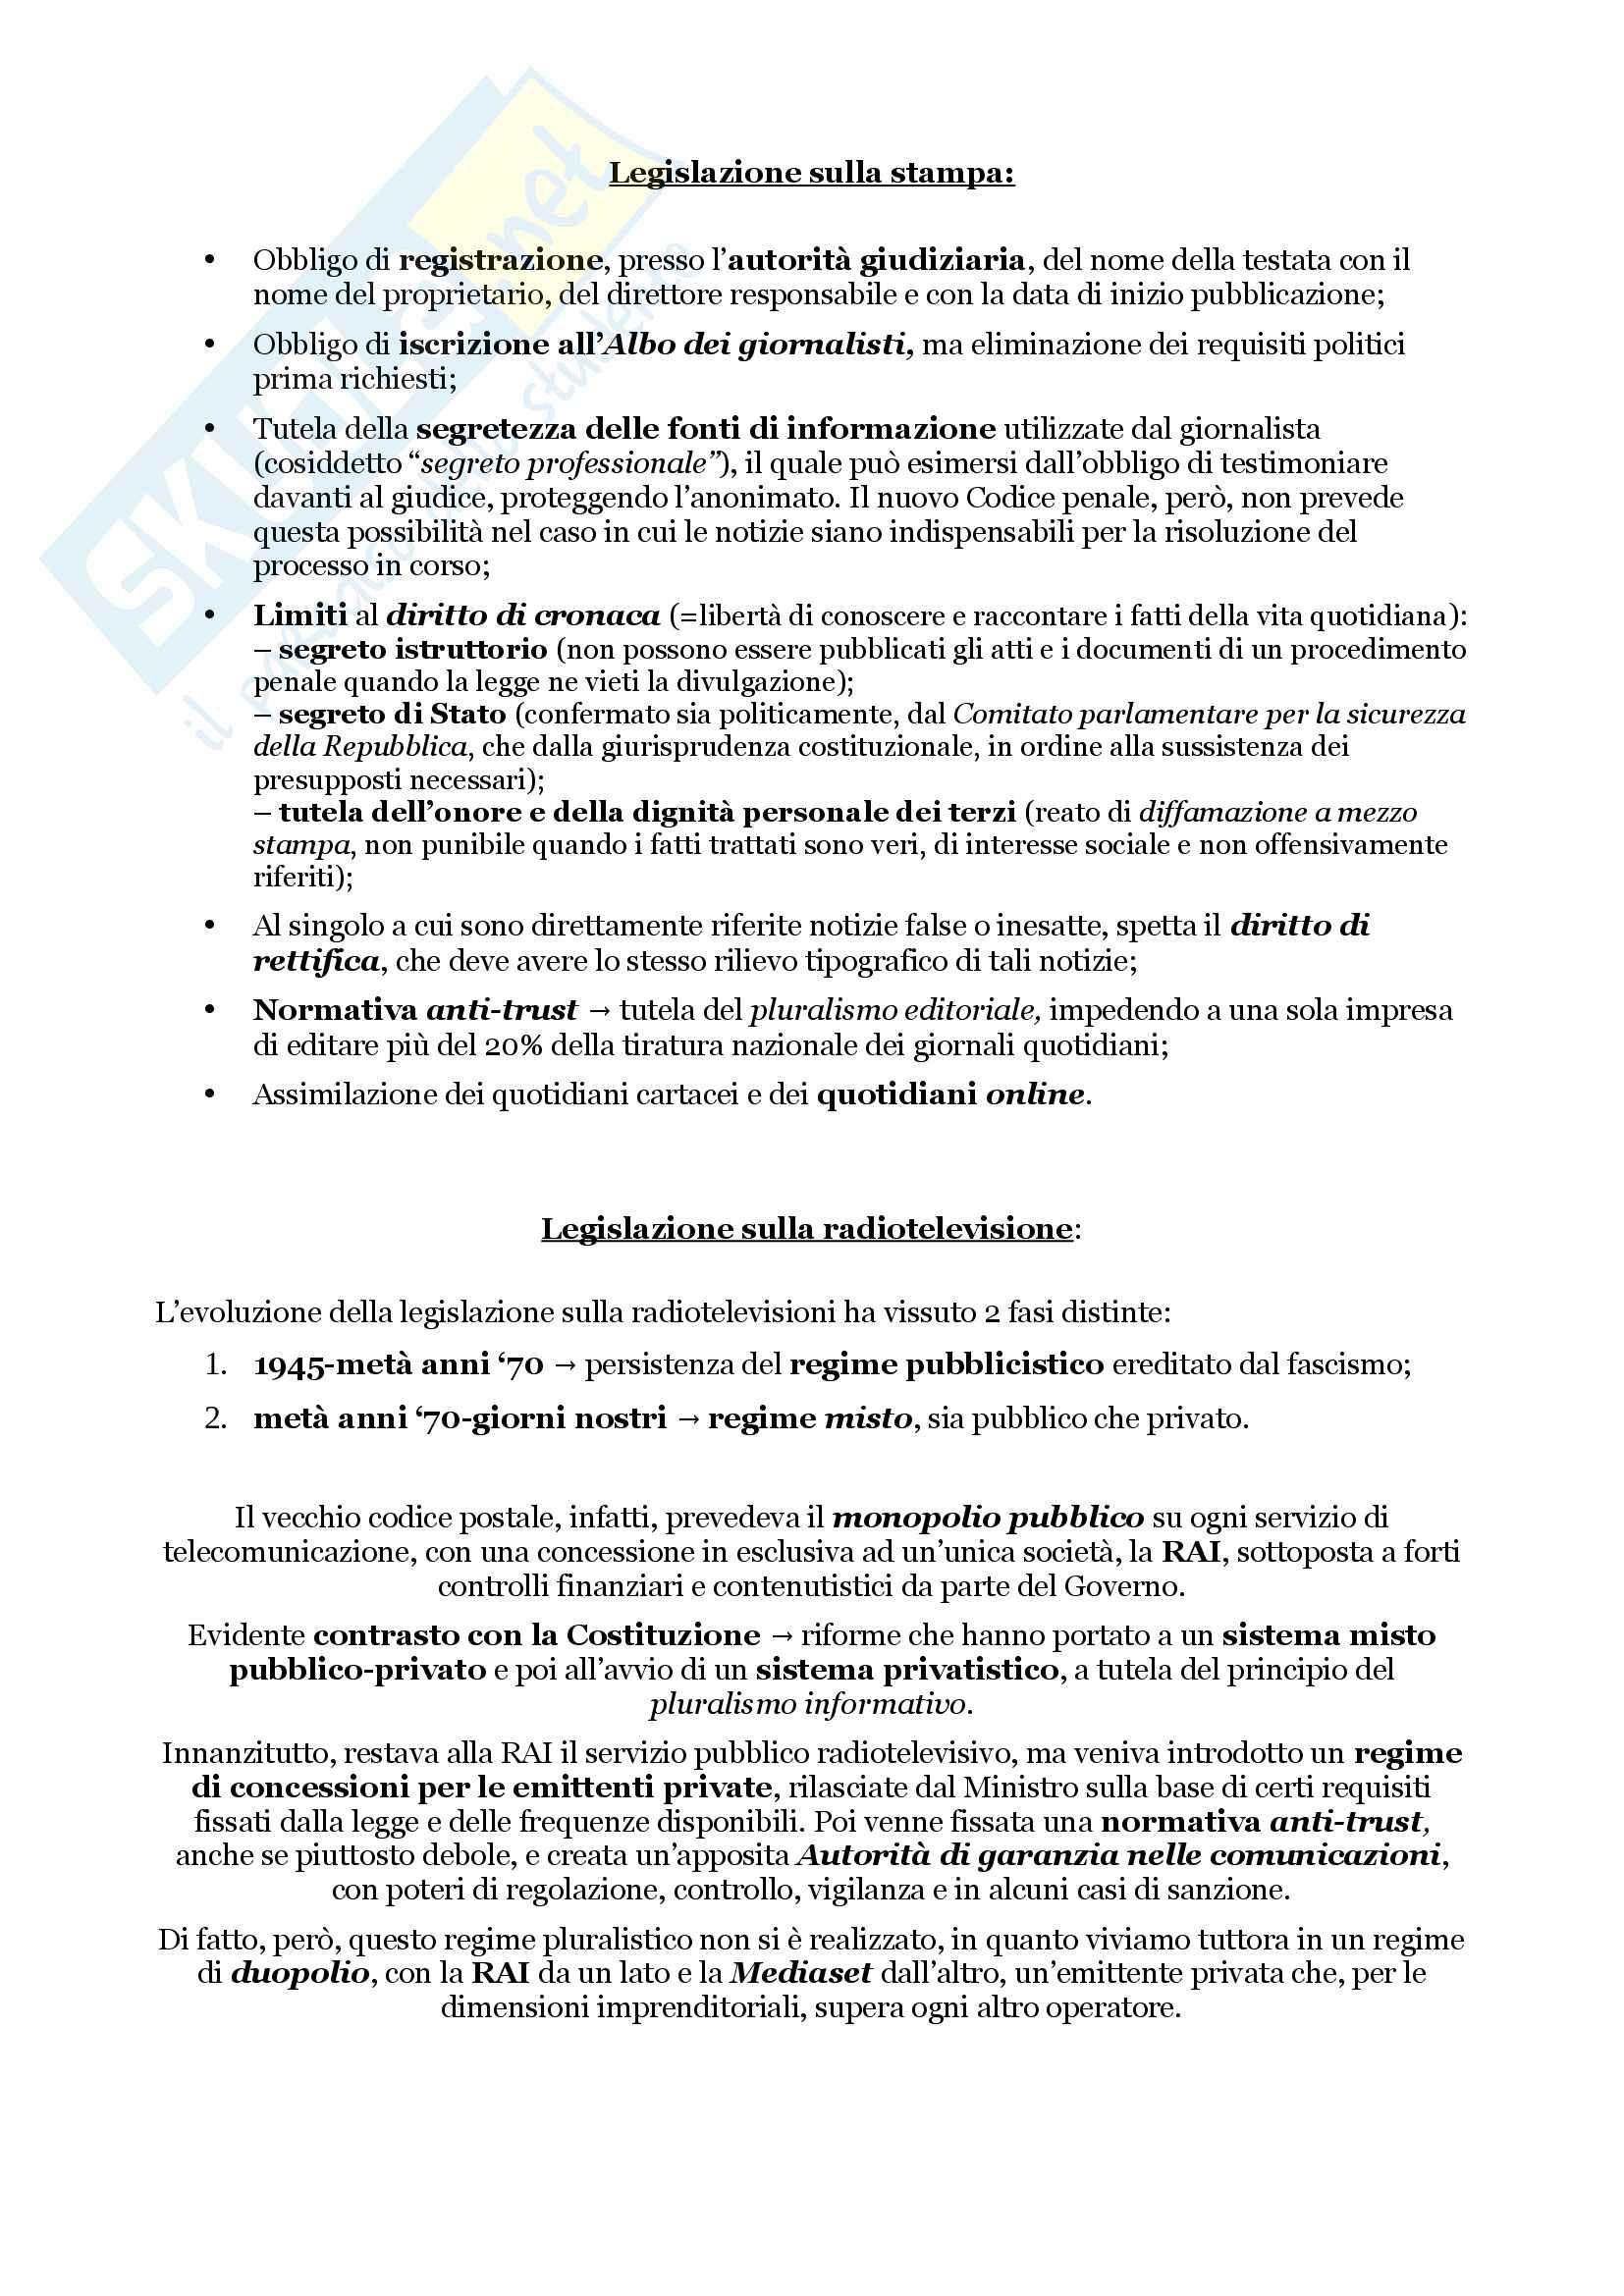 Schemi riassuntivi di istituzioni di diritto pubblico (libro di riferimento: Diritto costituzionale e pubblico, Carretti, De Siervo) Pag. 116